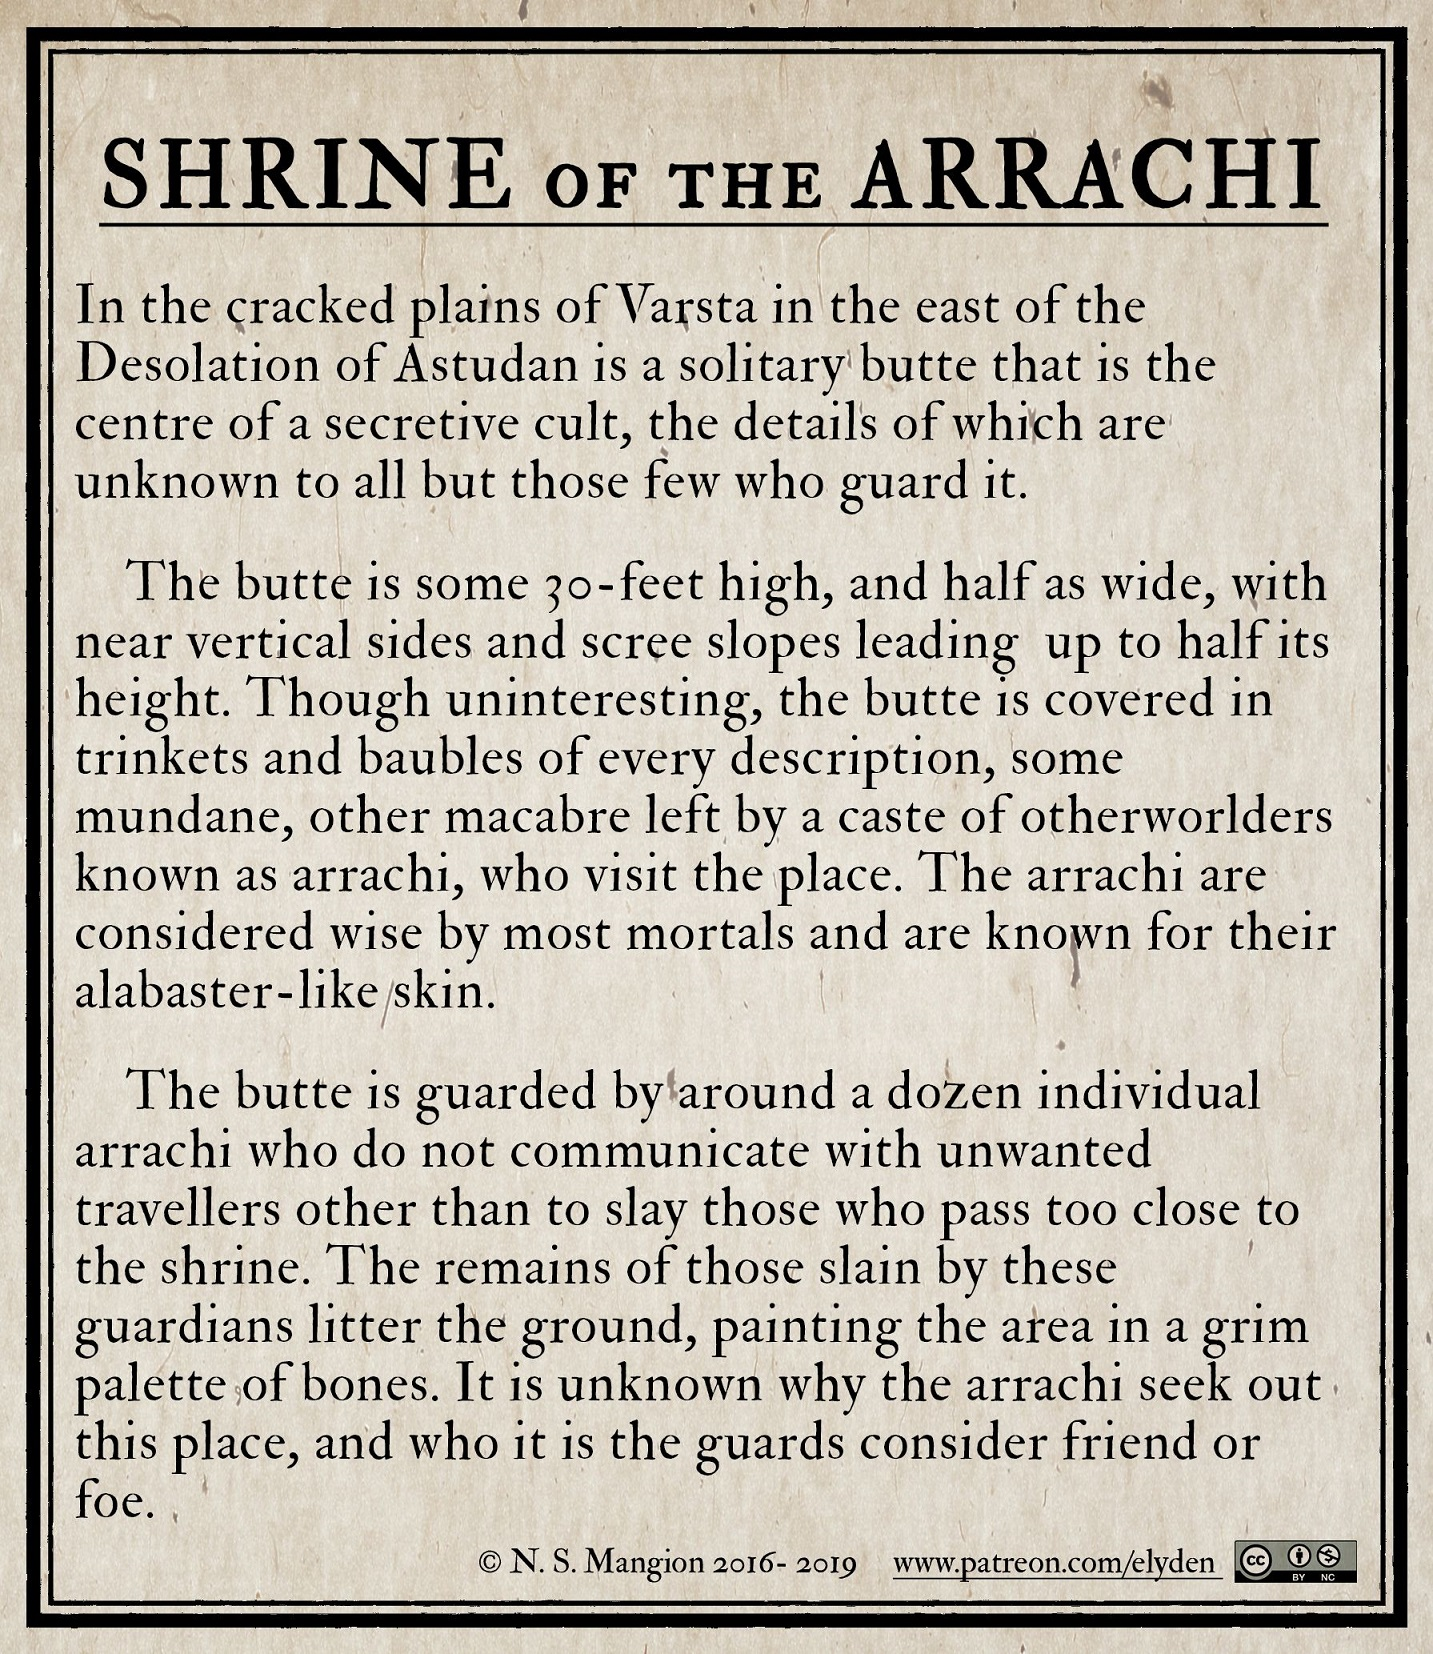 Shrine of the Arrachi